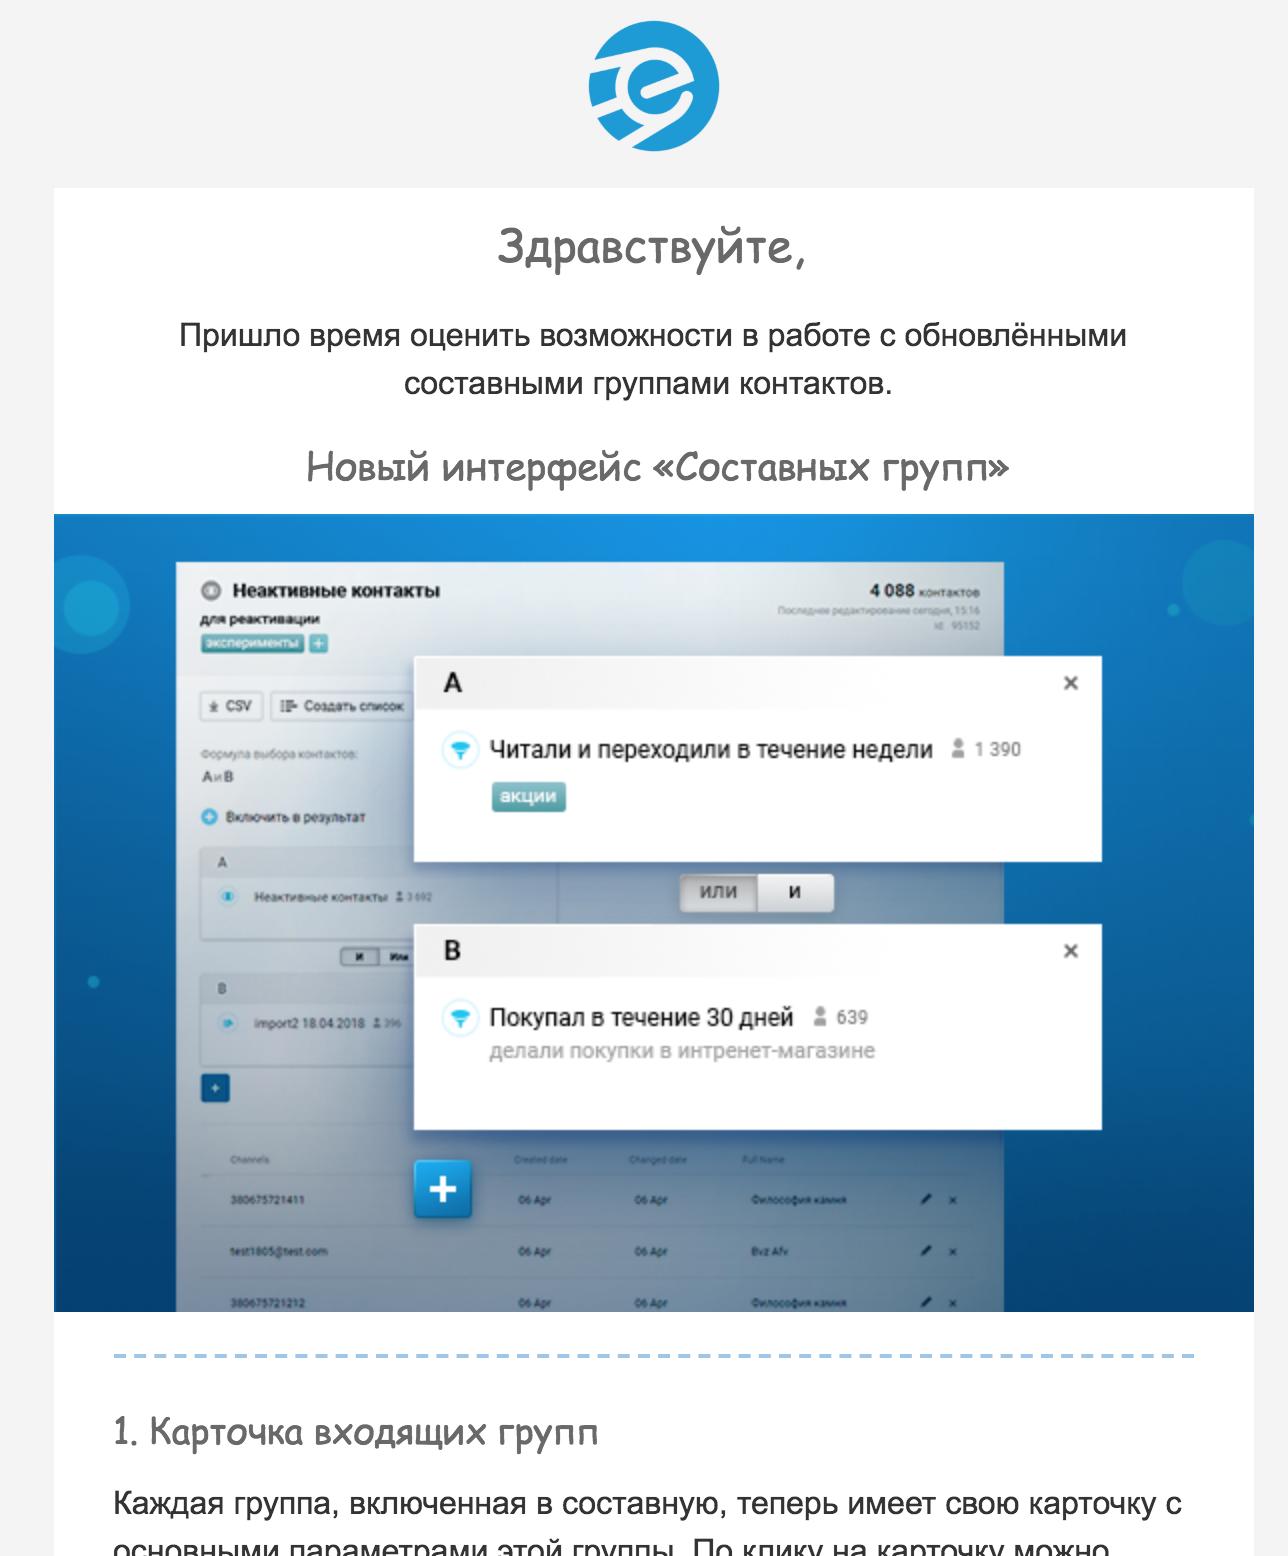 анонс обновления платформы